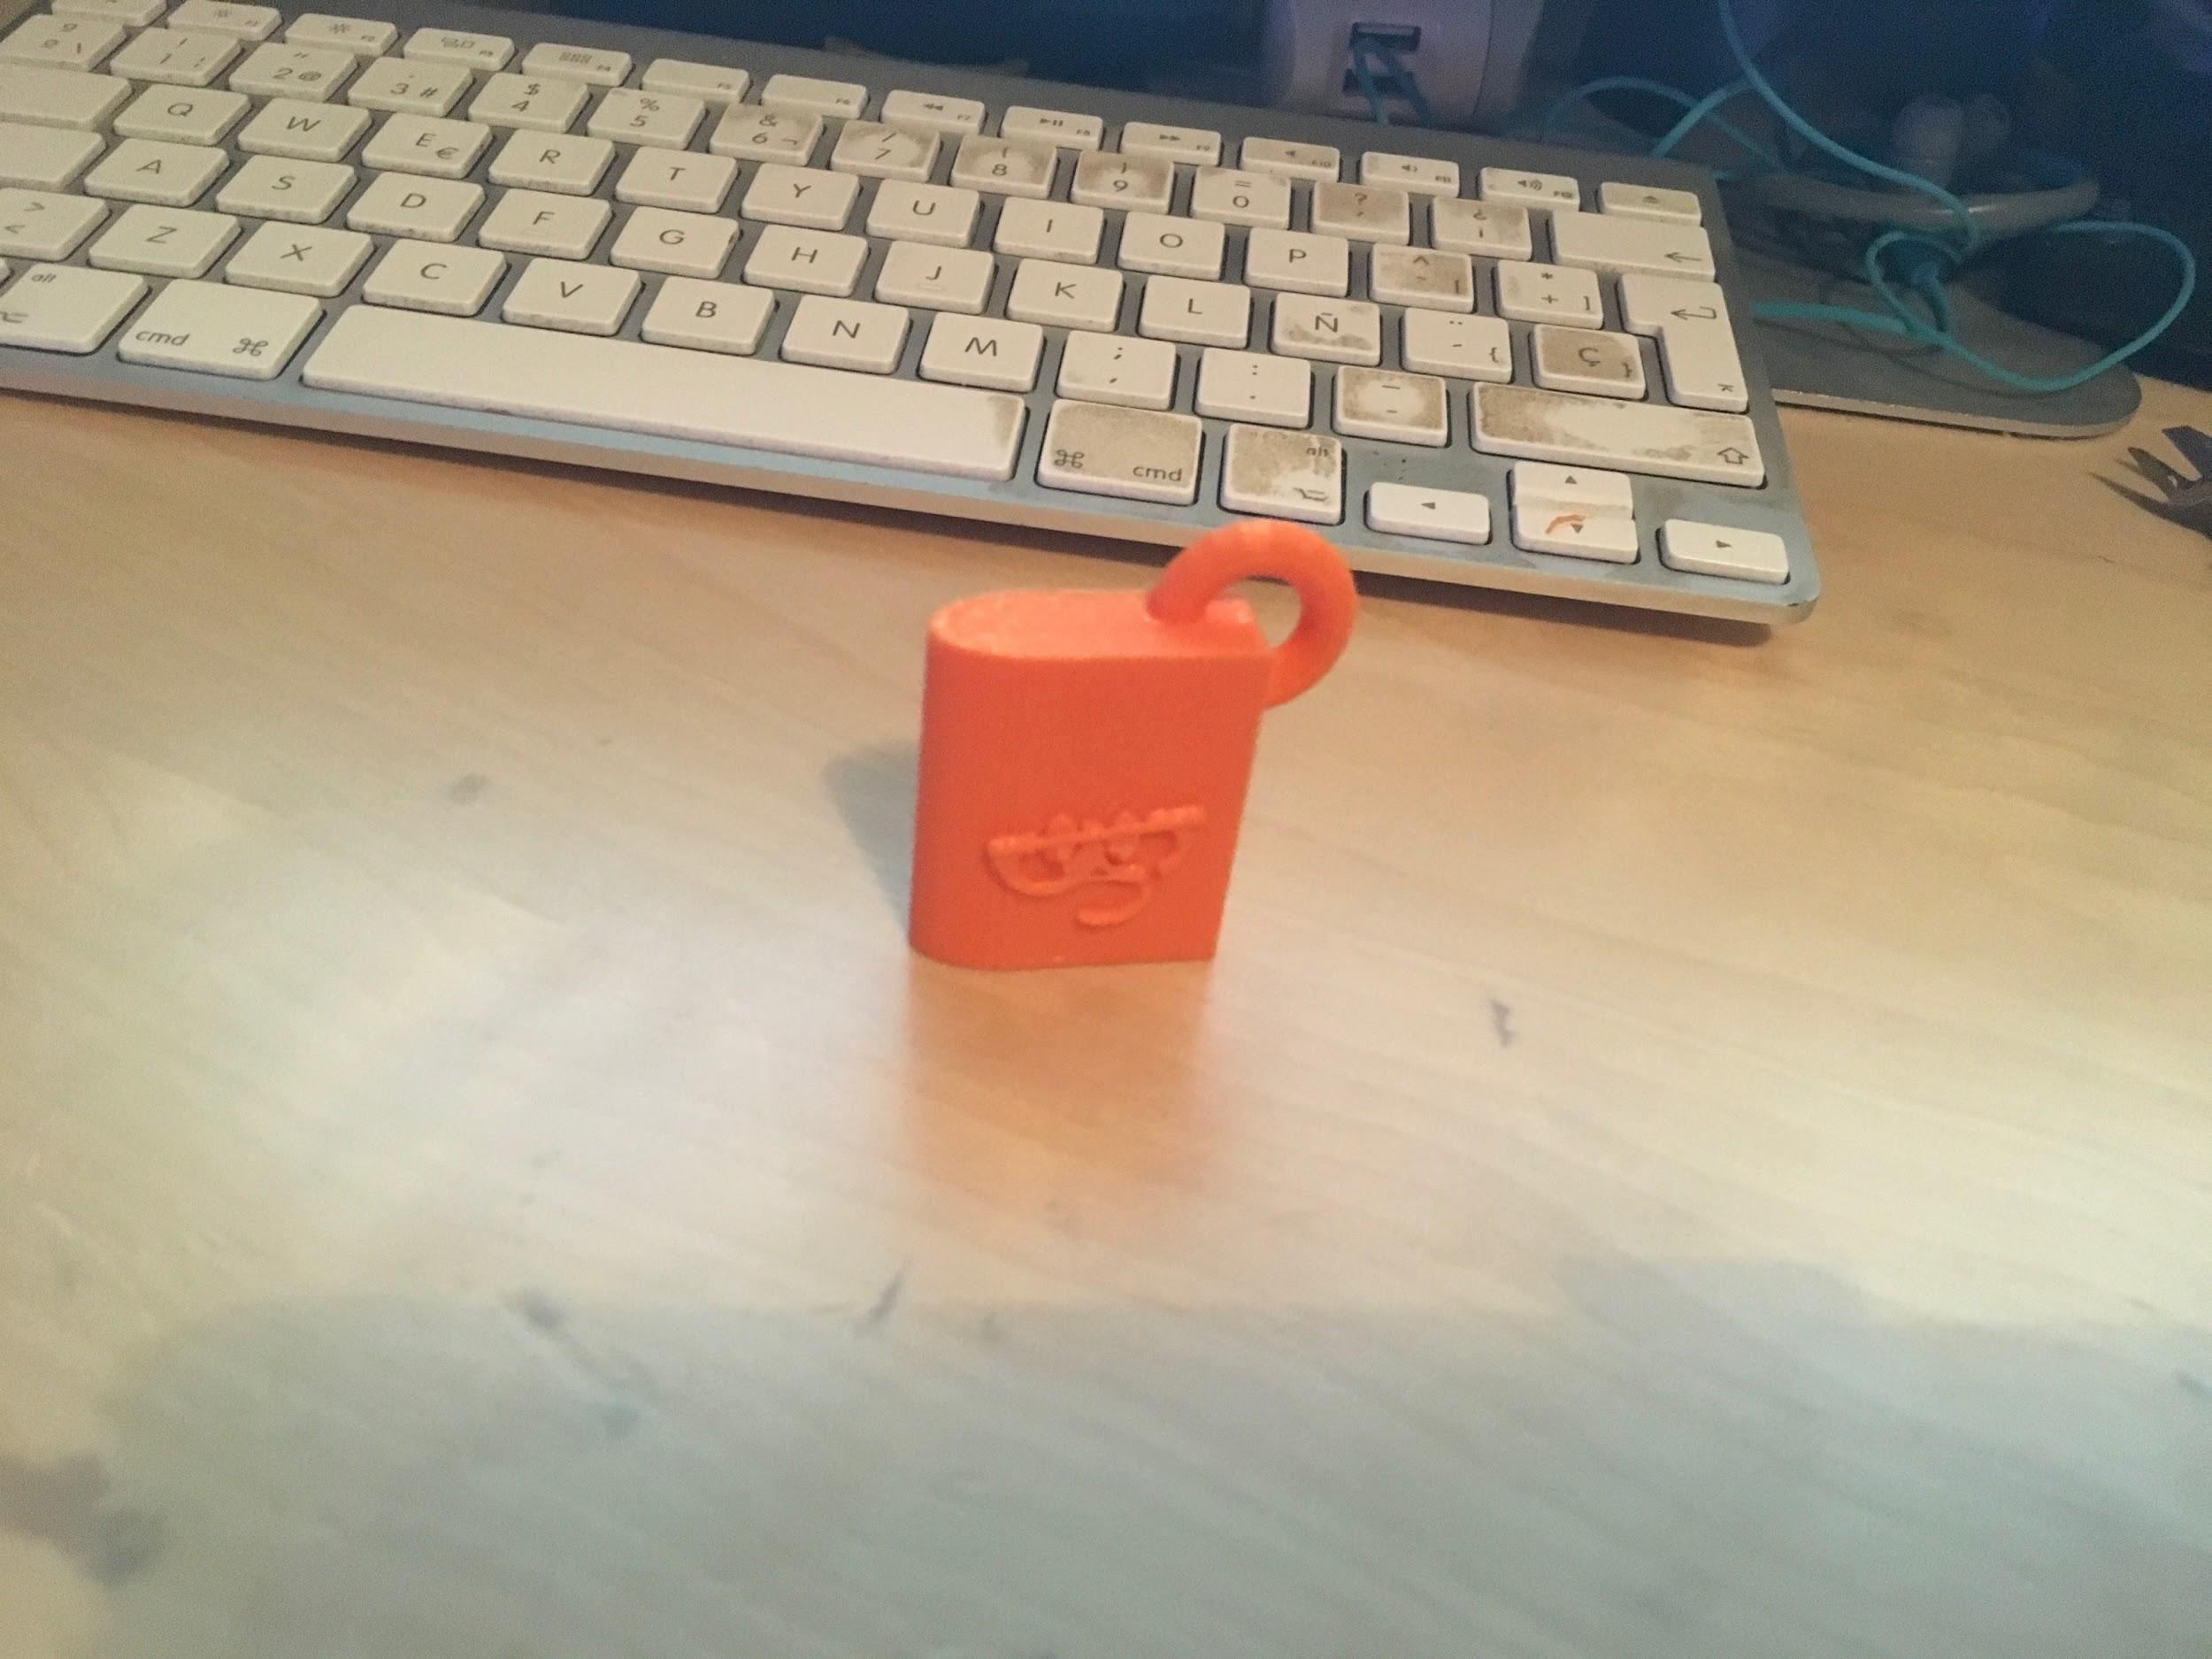 6. Carga del archivo en la impresora 3D